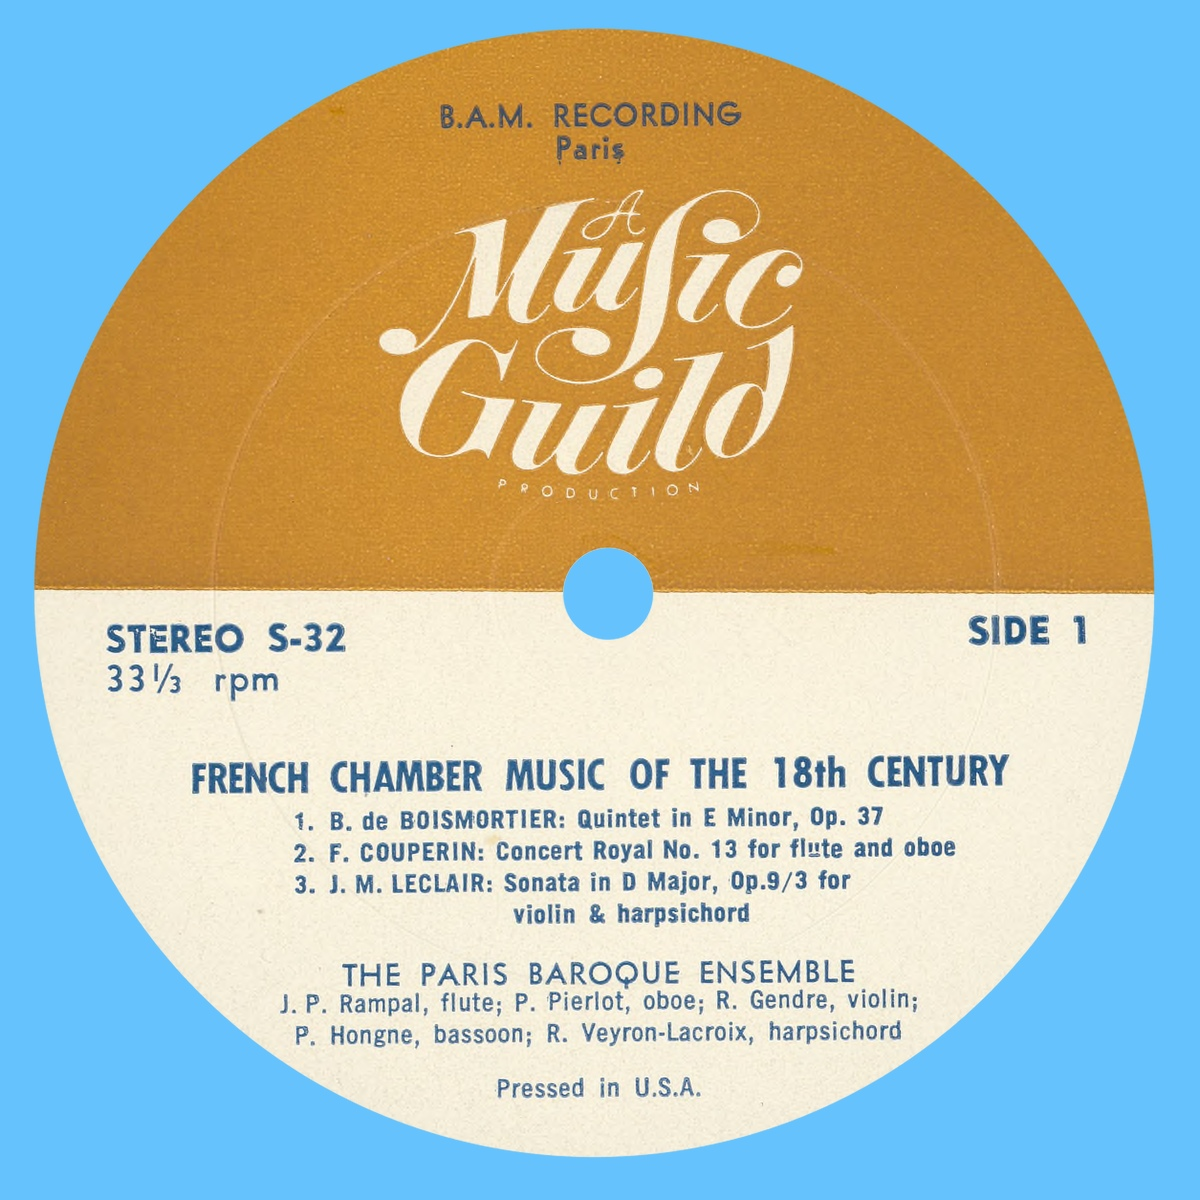 Étiquette recto du disque Music Guild Stereo S-32